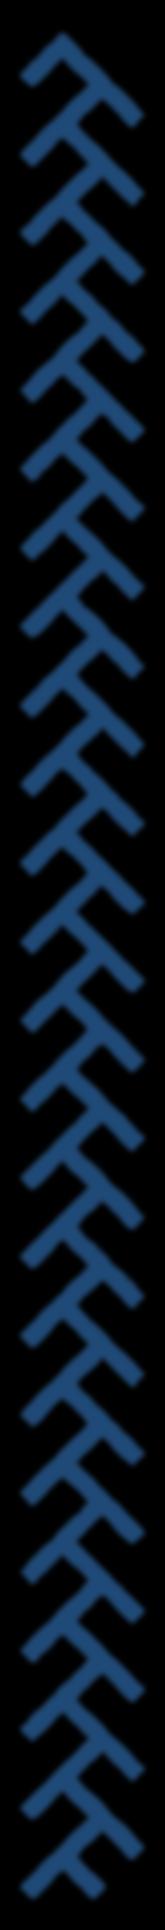 TimeTraver Trading Logo